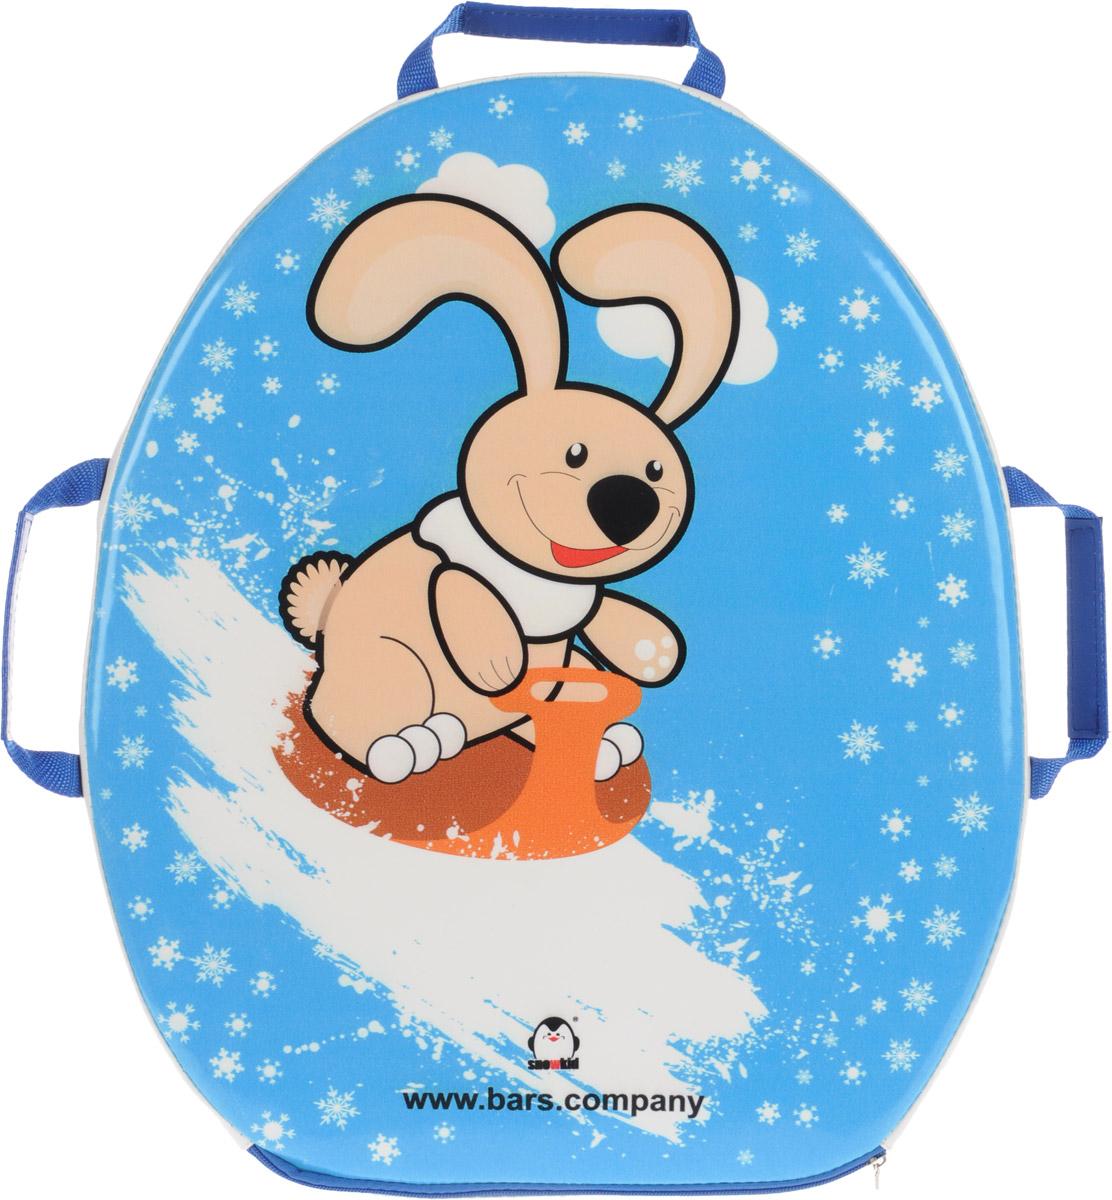 Санки-ледянка Snowkid, цвет: белый, голубой, 50 х 40 х 5 смХот ШейперсСанки-ледянка Snowkid - отличный вариант для веселого и безопасного спуска с заснеженных гор. Ледянка сконструирована так, что прекрасно сглаживает неровности снежного или ледяного покрова склона. Используемые для ее изготовления материалы очень прочны, что позволит пользоваться ей не один год. Изделие снабжено удобными и прочными ручками.